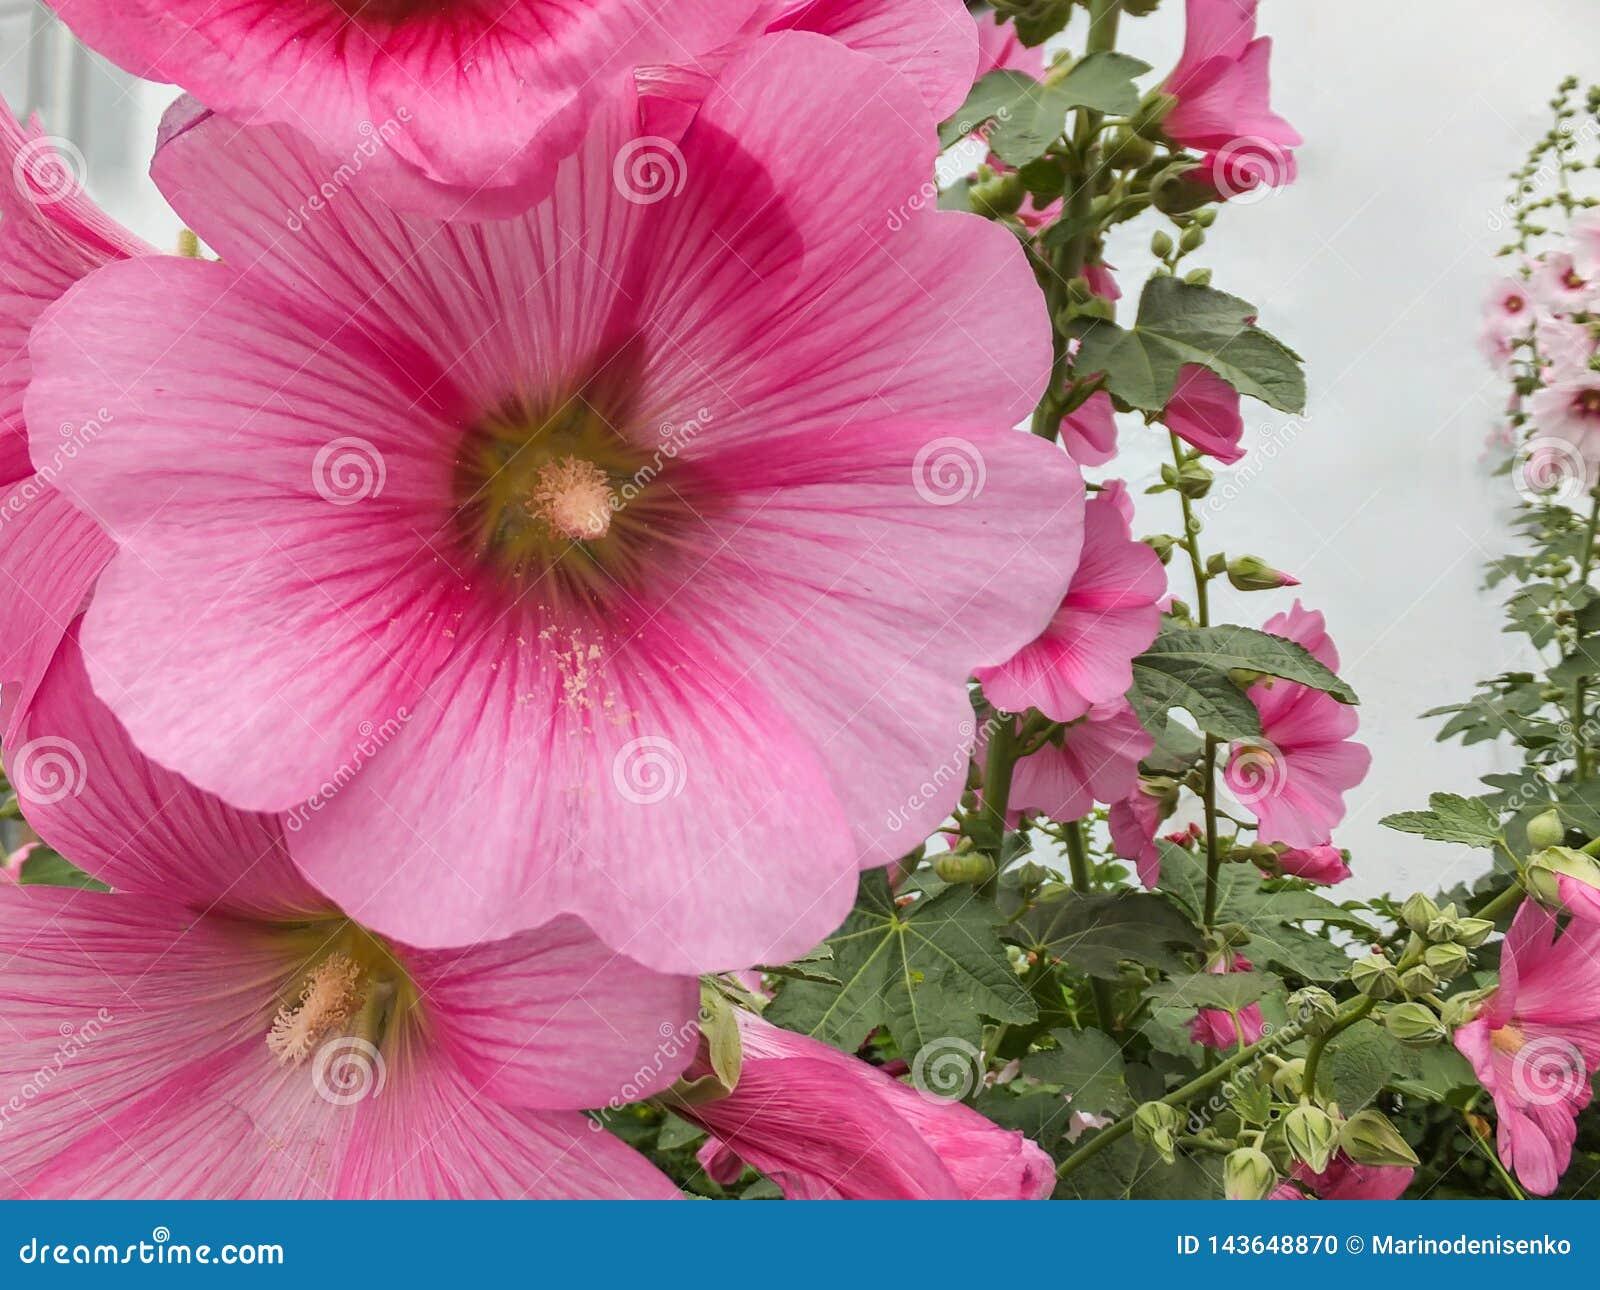 Macro bello rosea del Alcea, malva rosa o malvarosa nel giardino Malvarosa alta del fiore con i fiori enormi